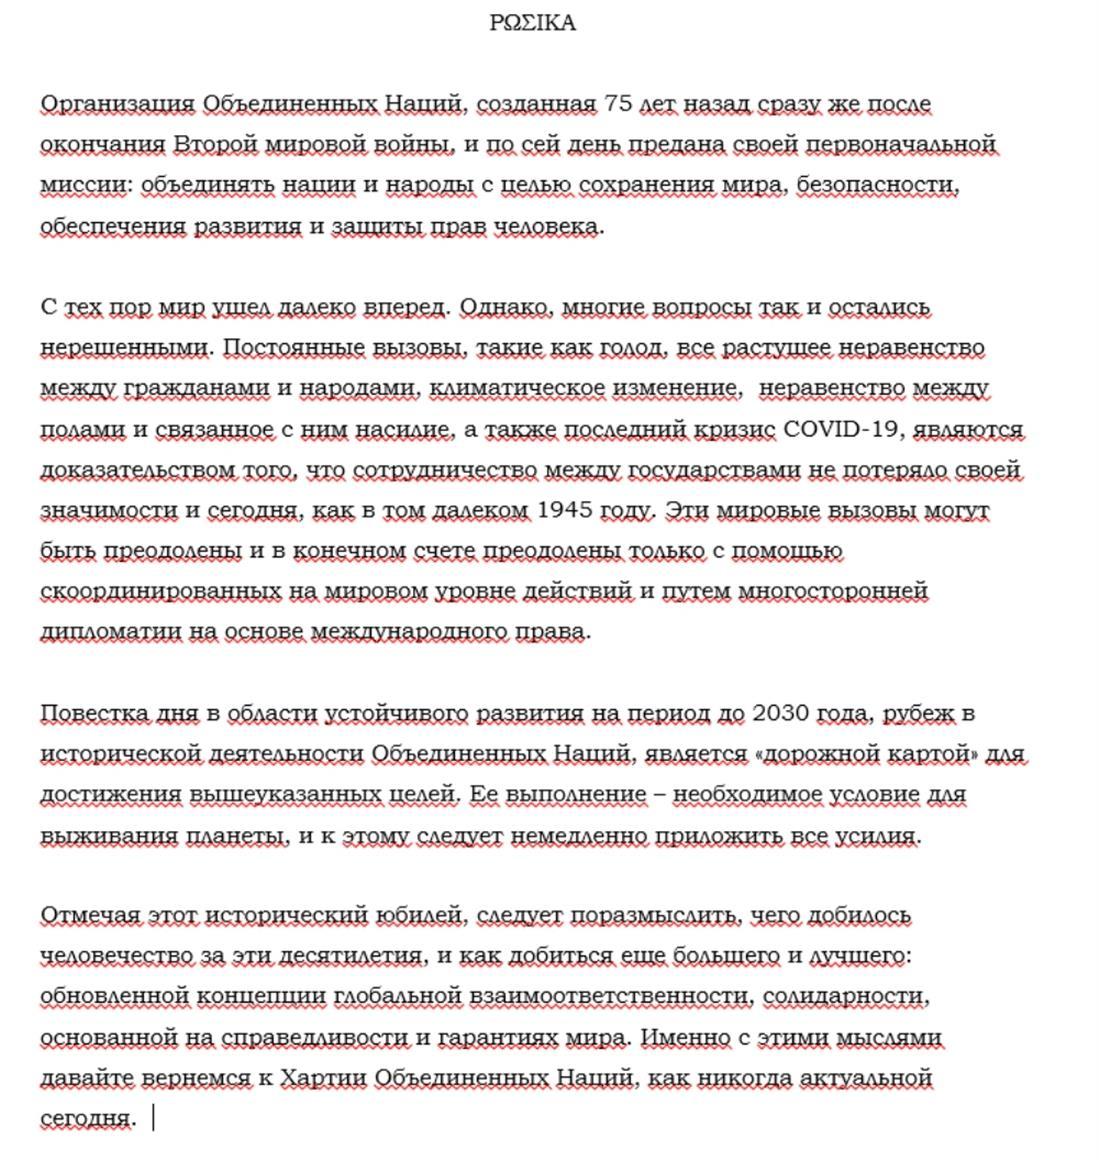 Σακελλαροπούλου - ΟΗΕ - 75 χρόνια - Ρωσικα